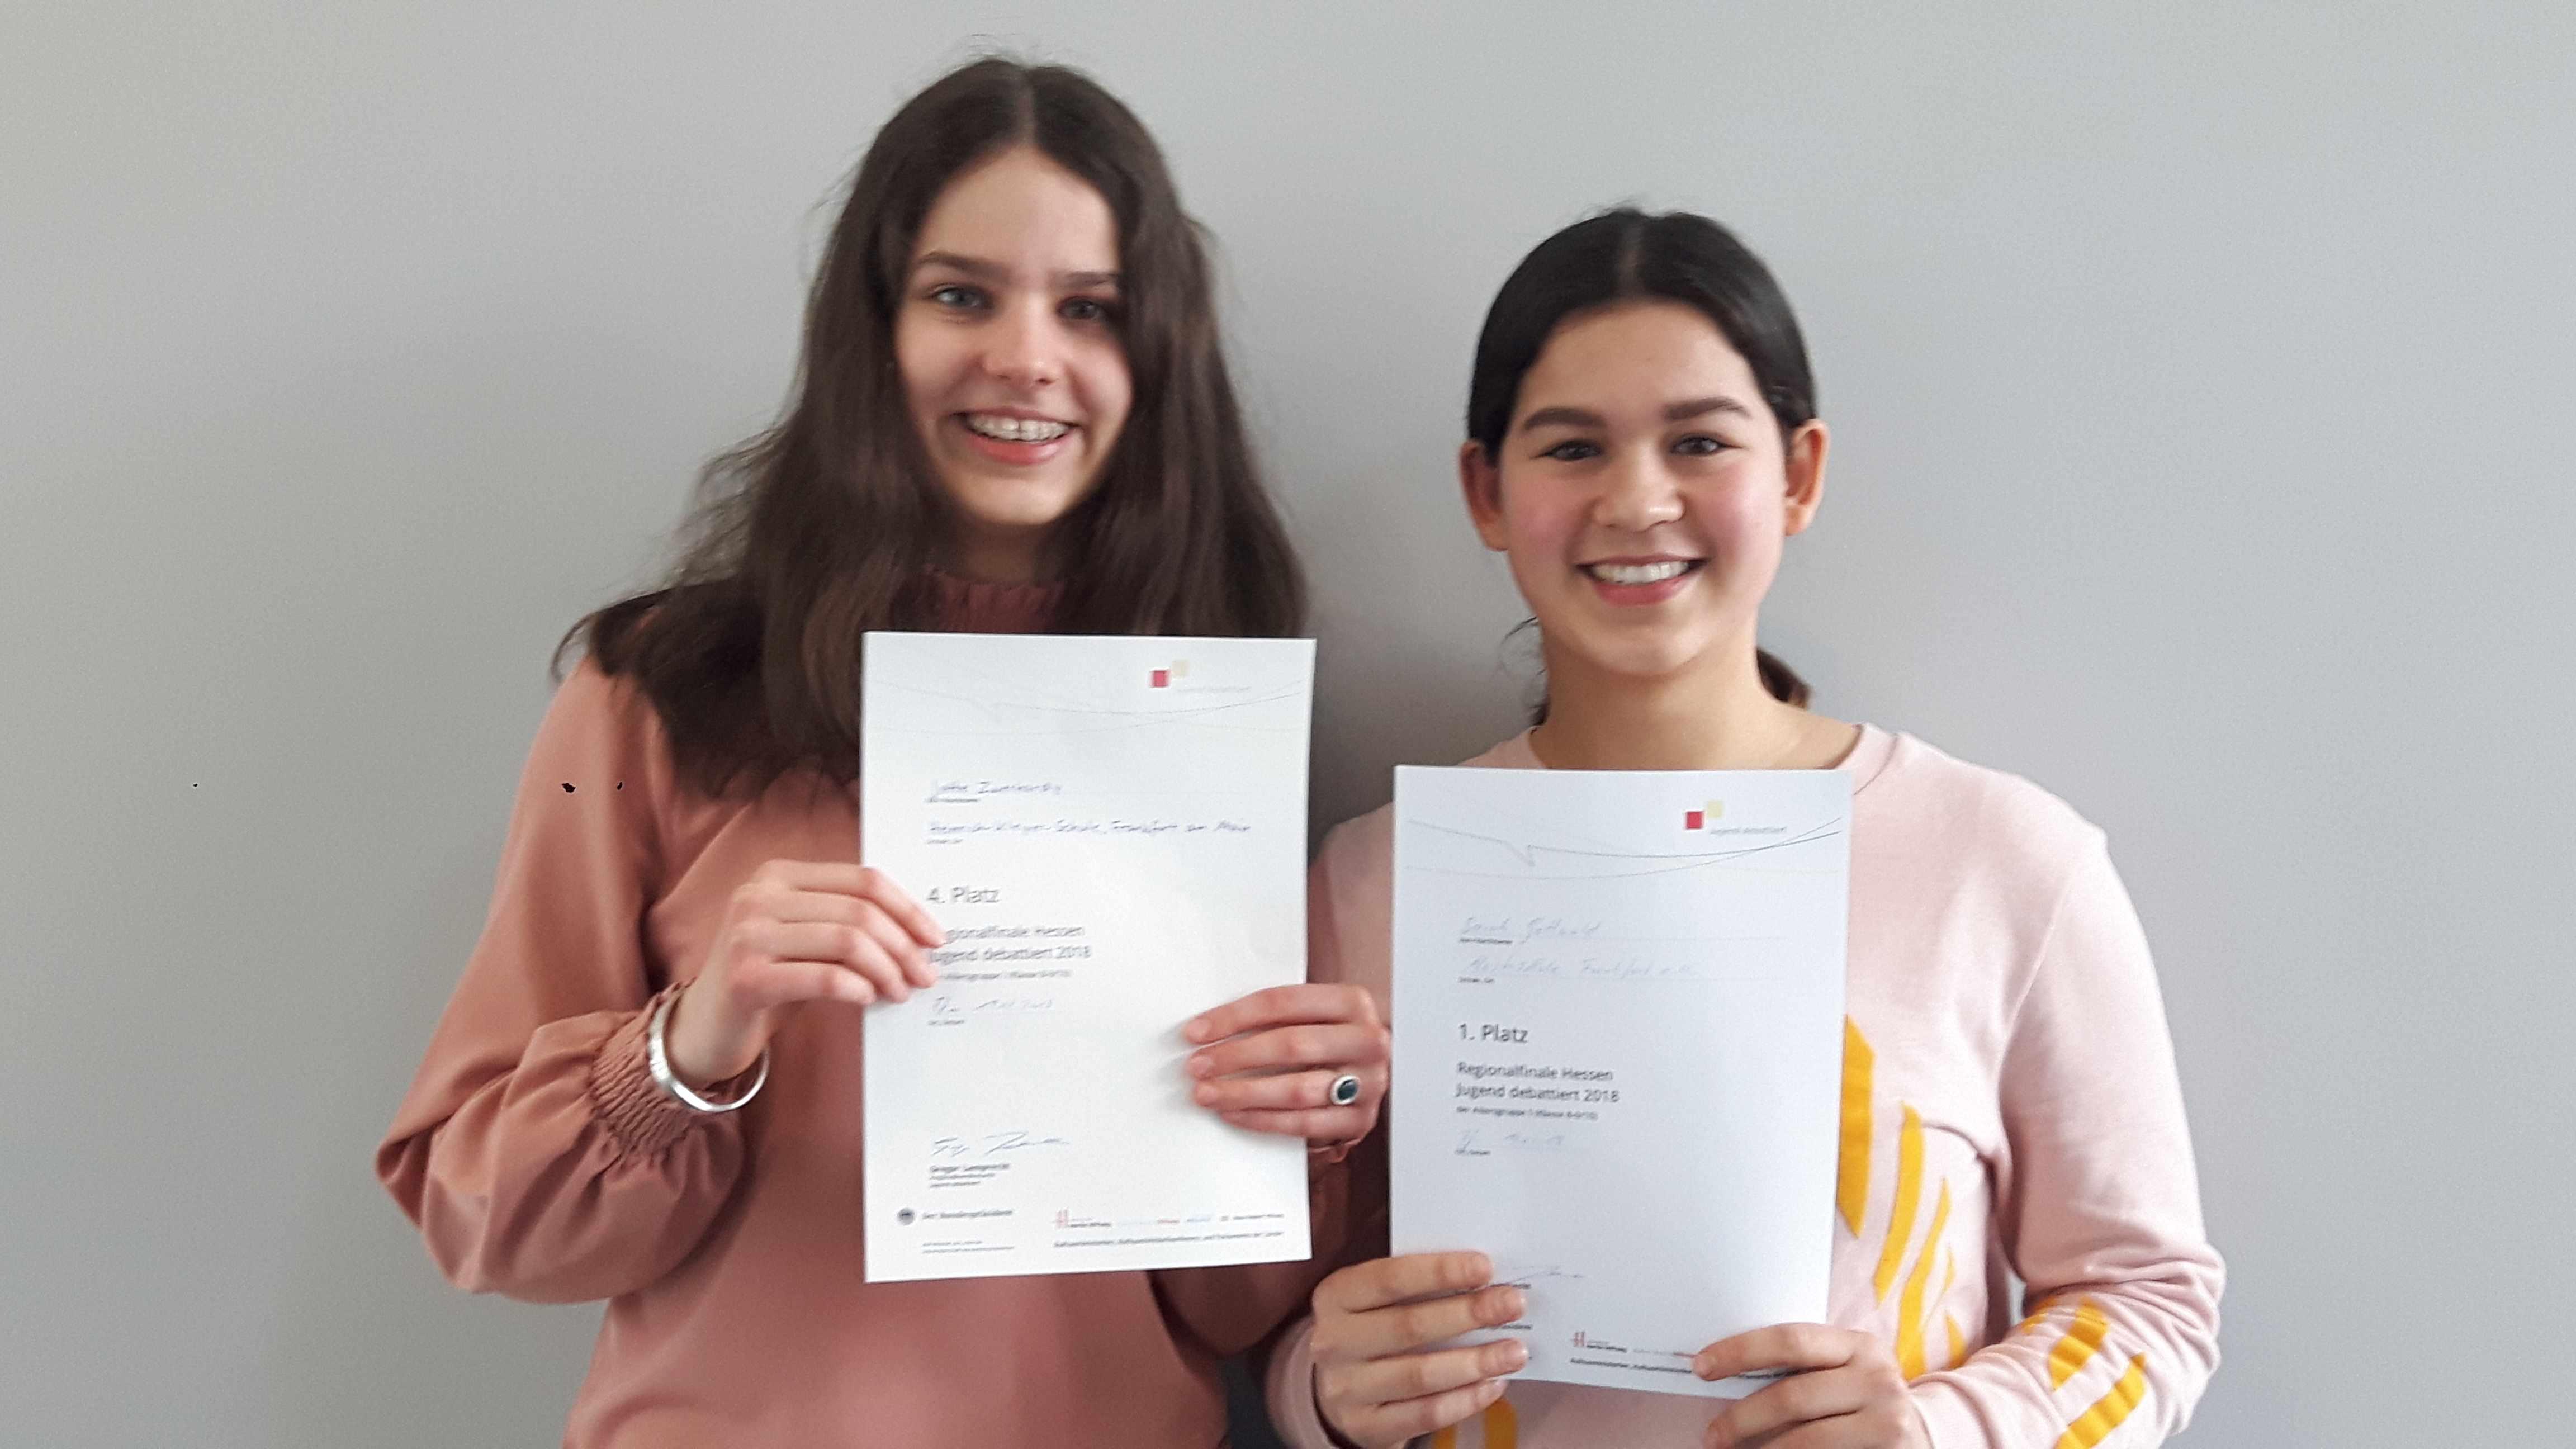 https://infos.musterschule.de/wp-content/uploads/2018/02/Sarah-Jette-neu.jpg